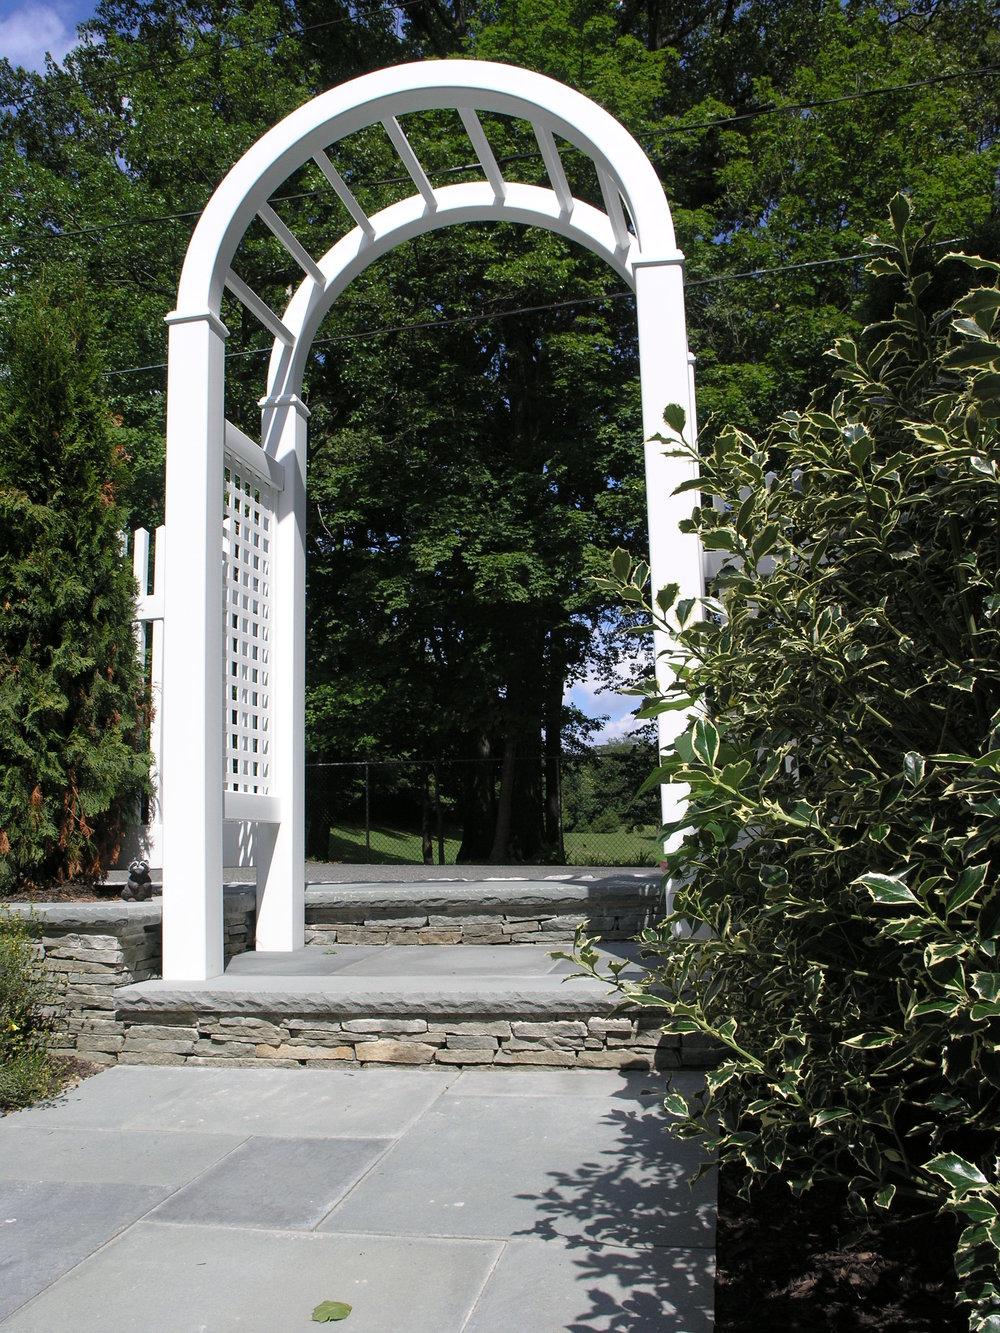 Experienced arbor design company in Long Island, NY